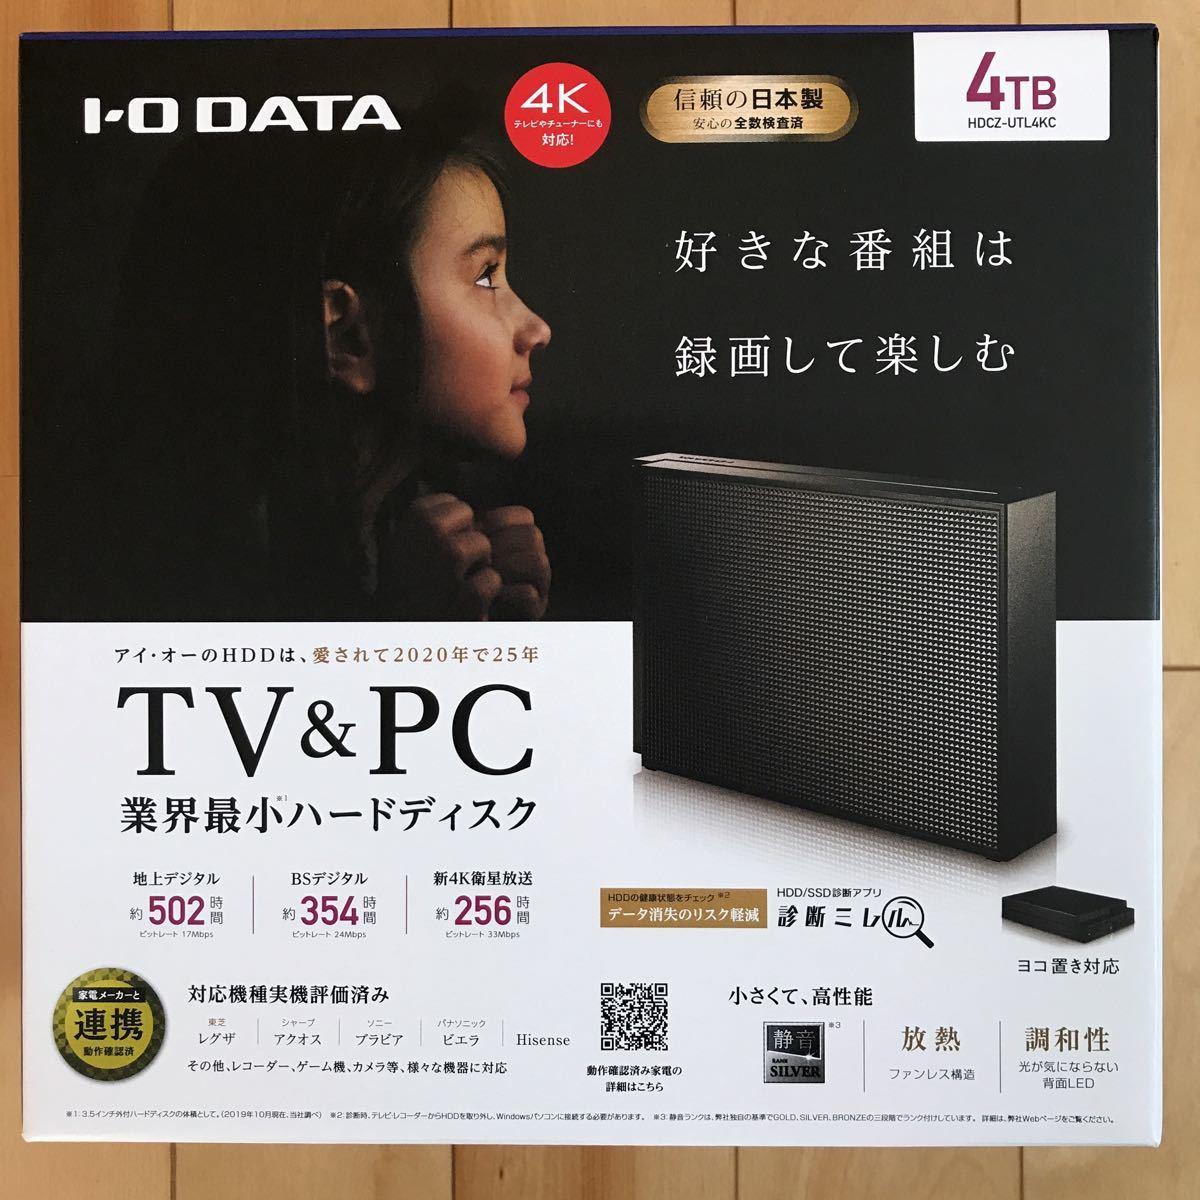 【新品/未開封品】アイ・オー・データ機器 外付けハードディスク 4.0TB ブラック  HDCZ-UTL4KC